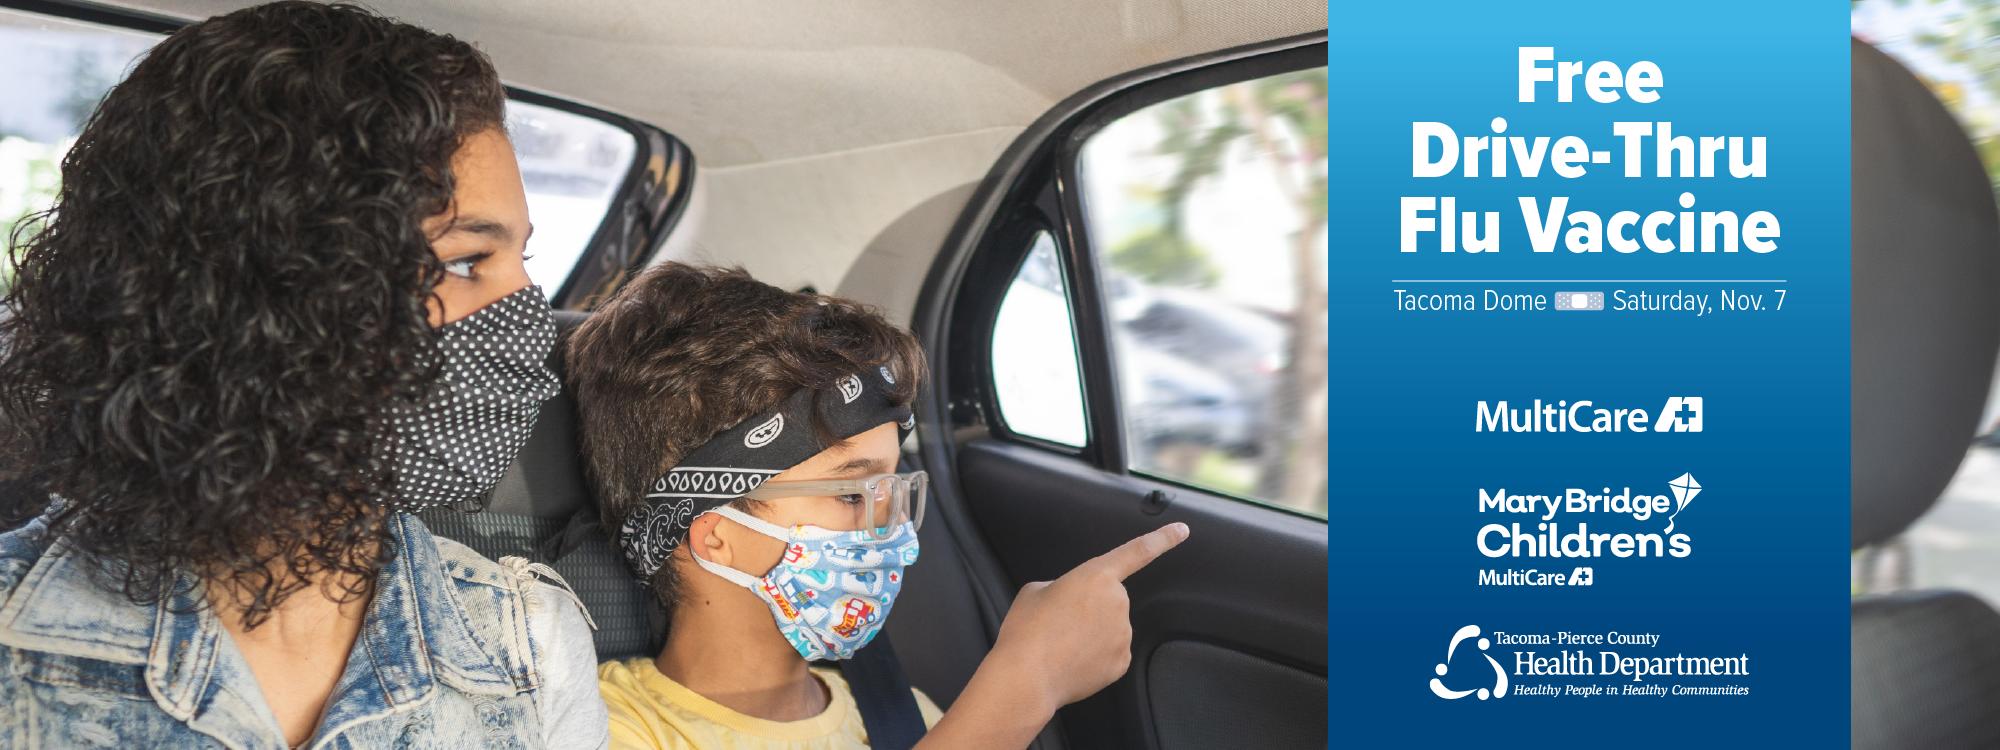 Free Drive-Thru Flu Vaccine